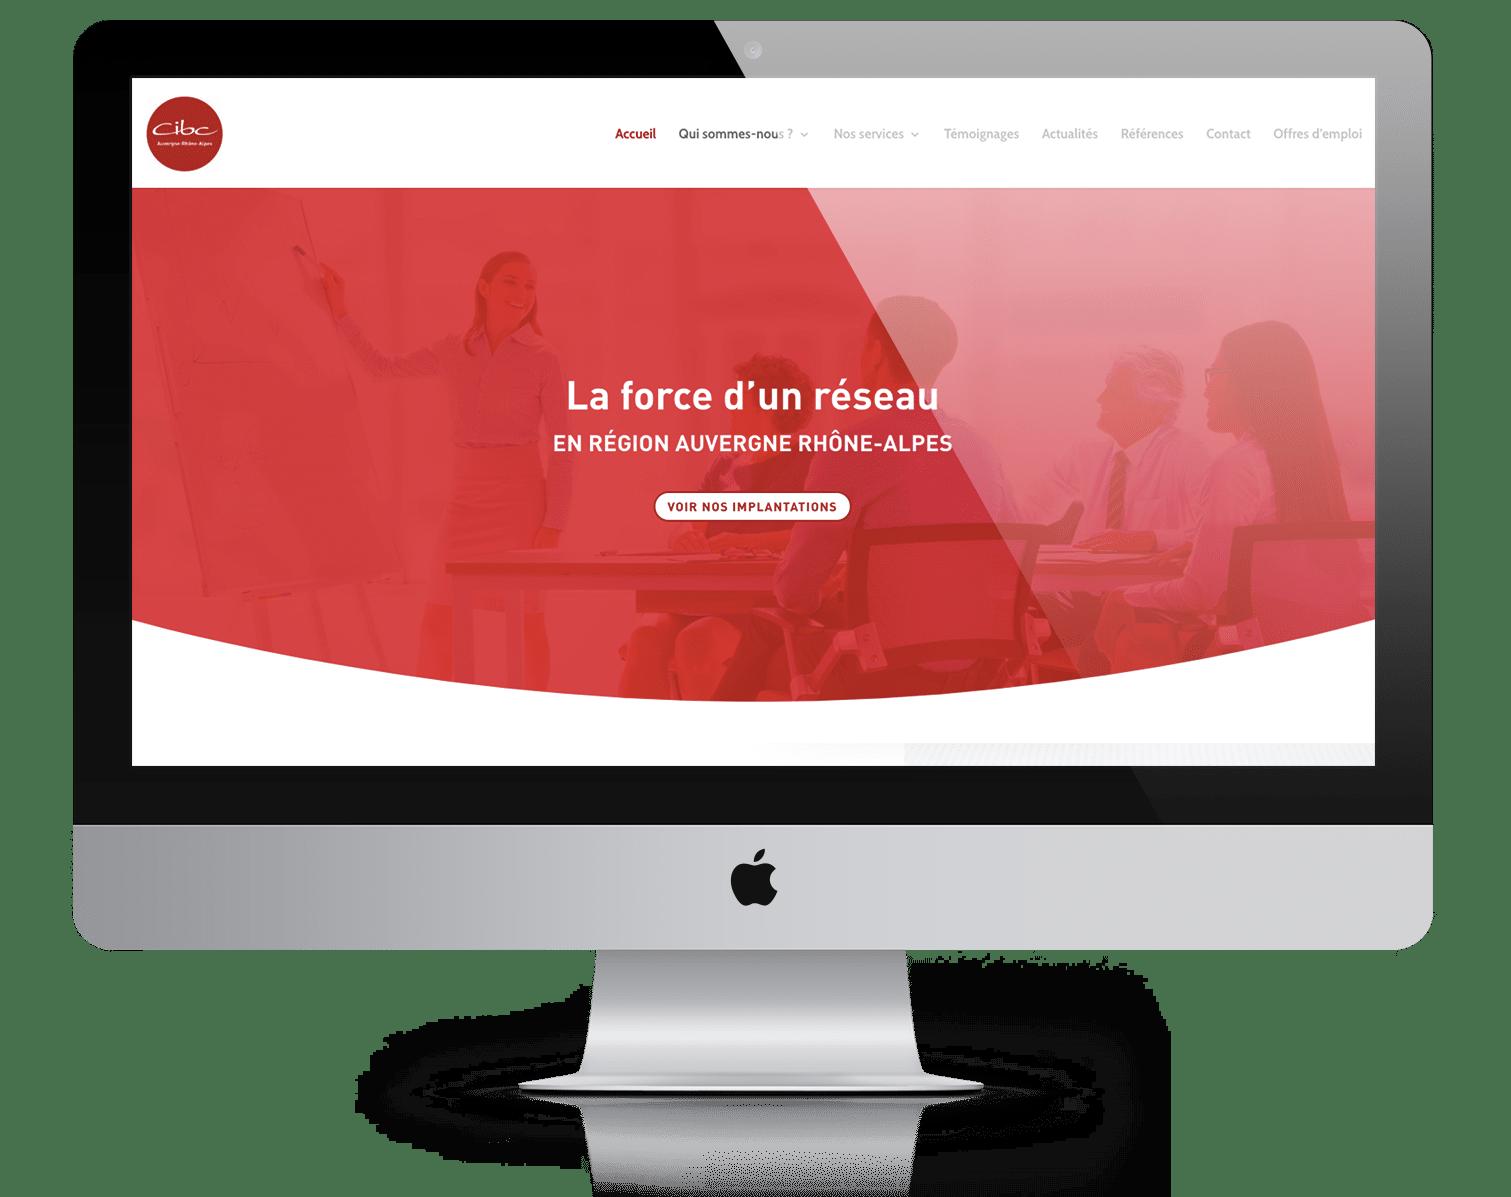 réalisations de sites web lyon : référence CIBC